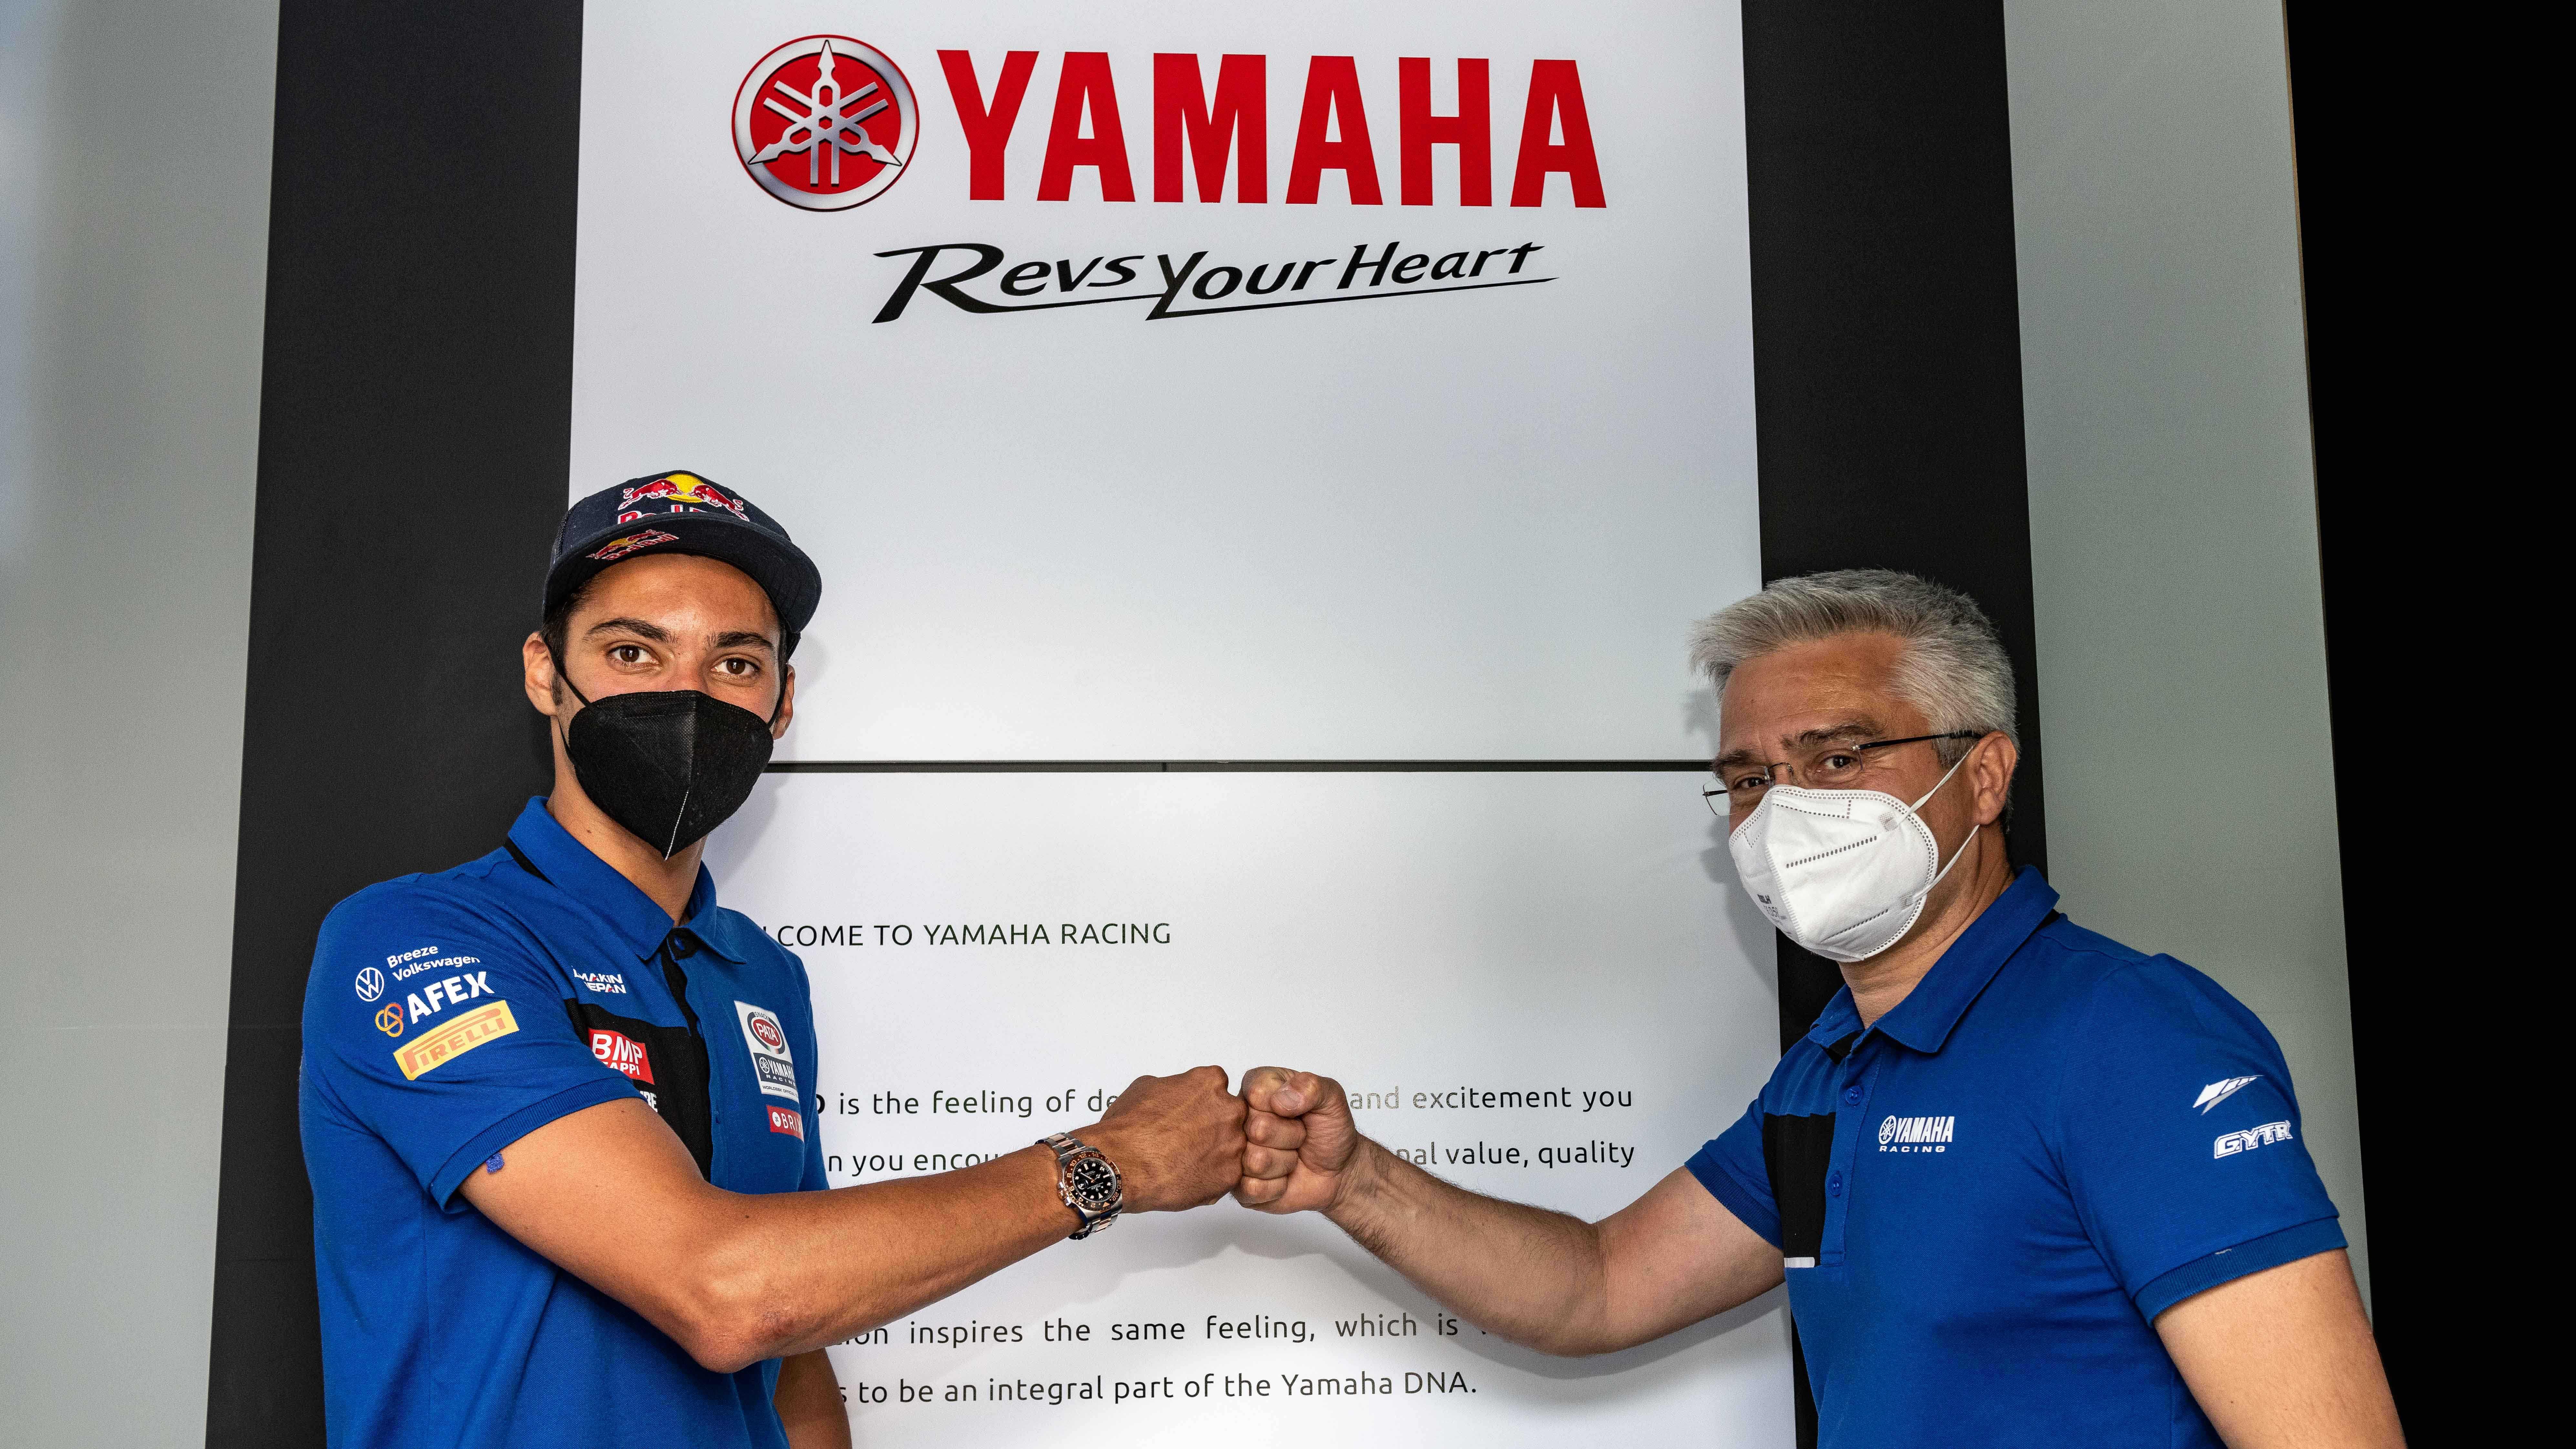 トプラック・ラズガトリオグル 2023年までヤマハからFIM スーパーバイク世界選手権(SBK)に参戦